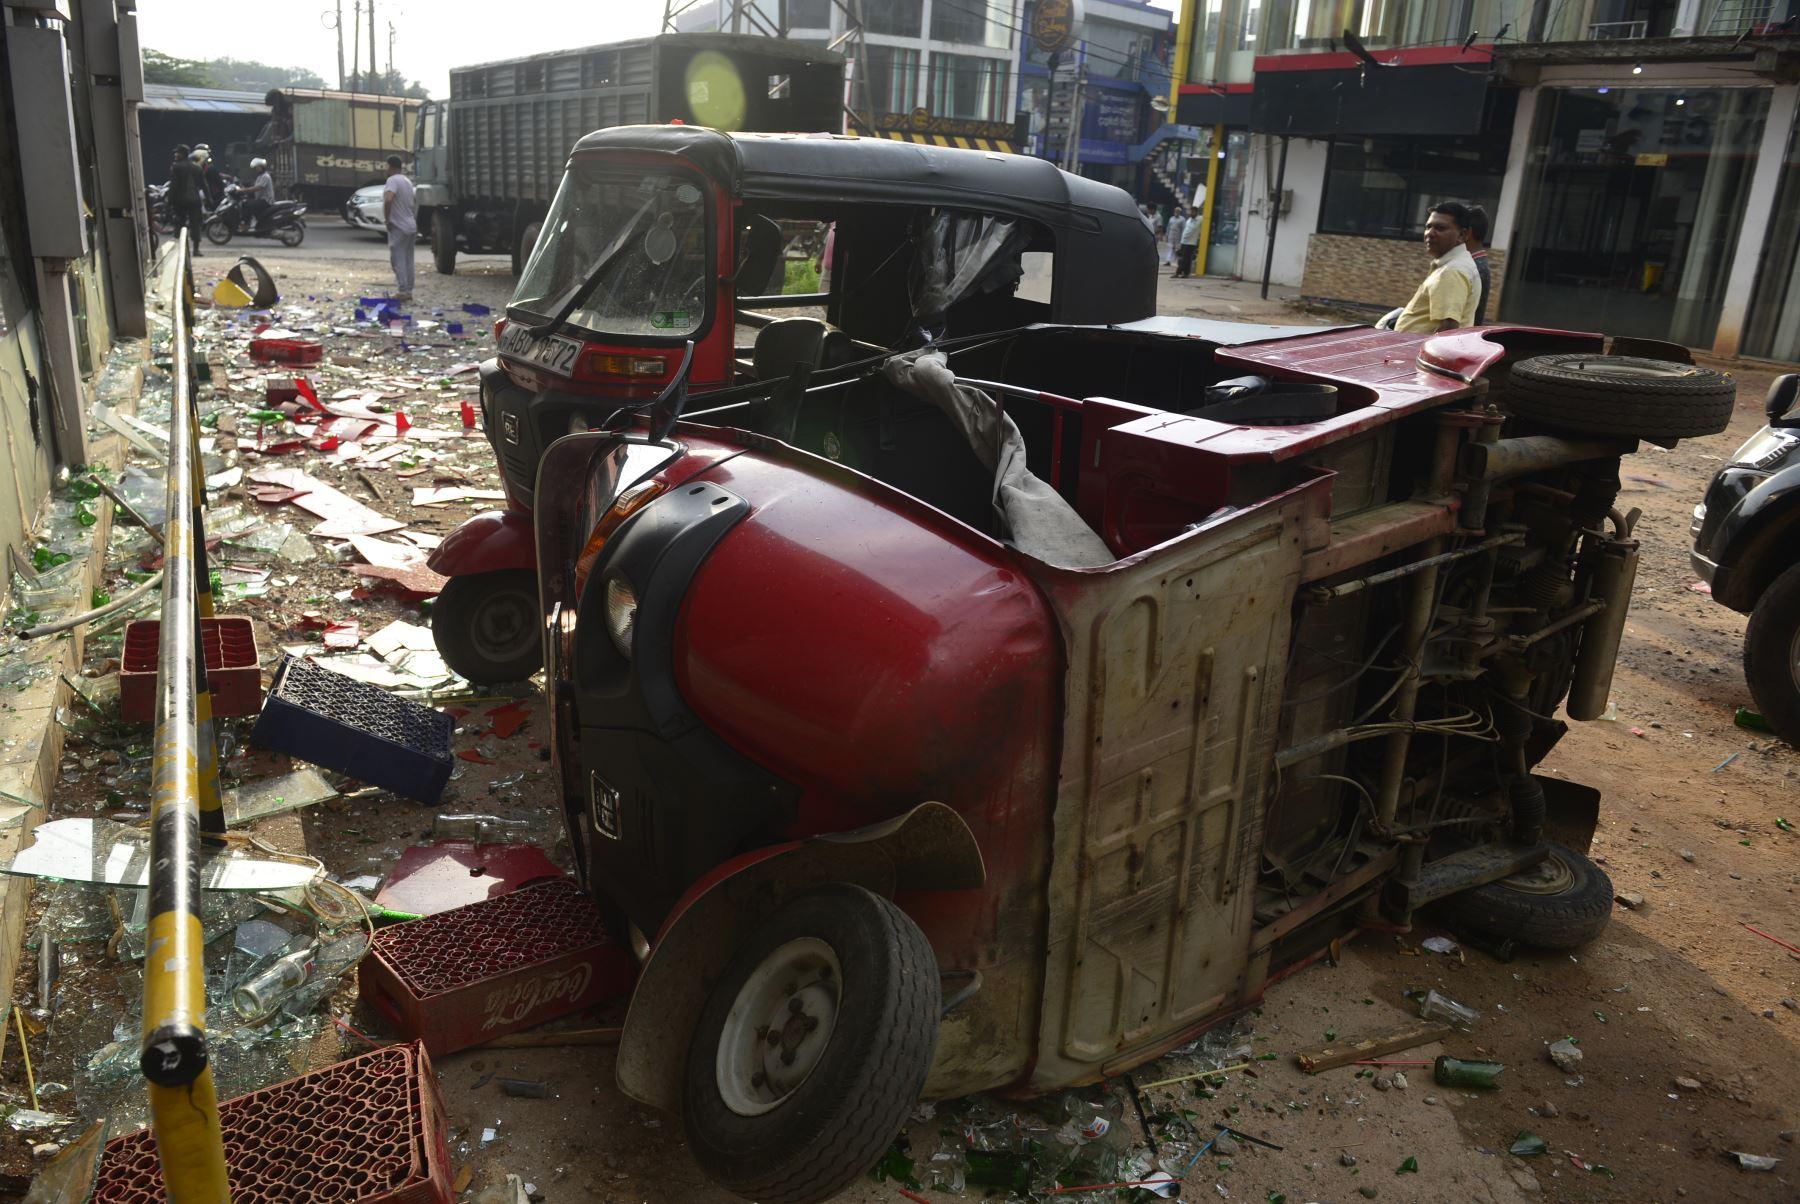 Un vehículo rickshaw fue dañado después de un ataque en Sri Lanka. Foto: AFP